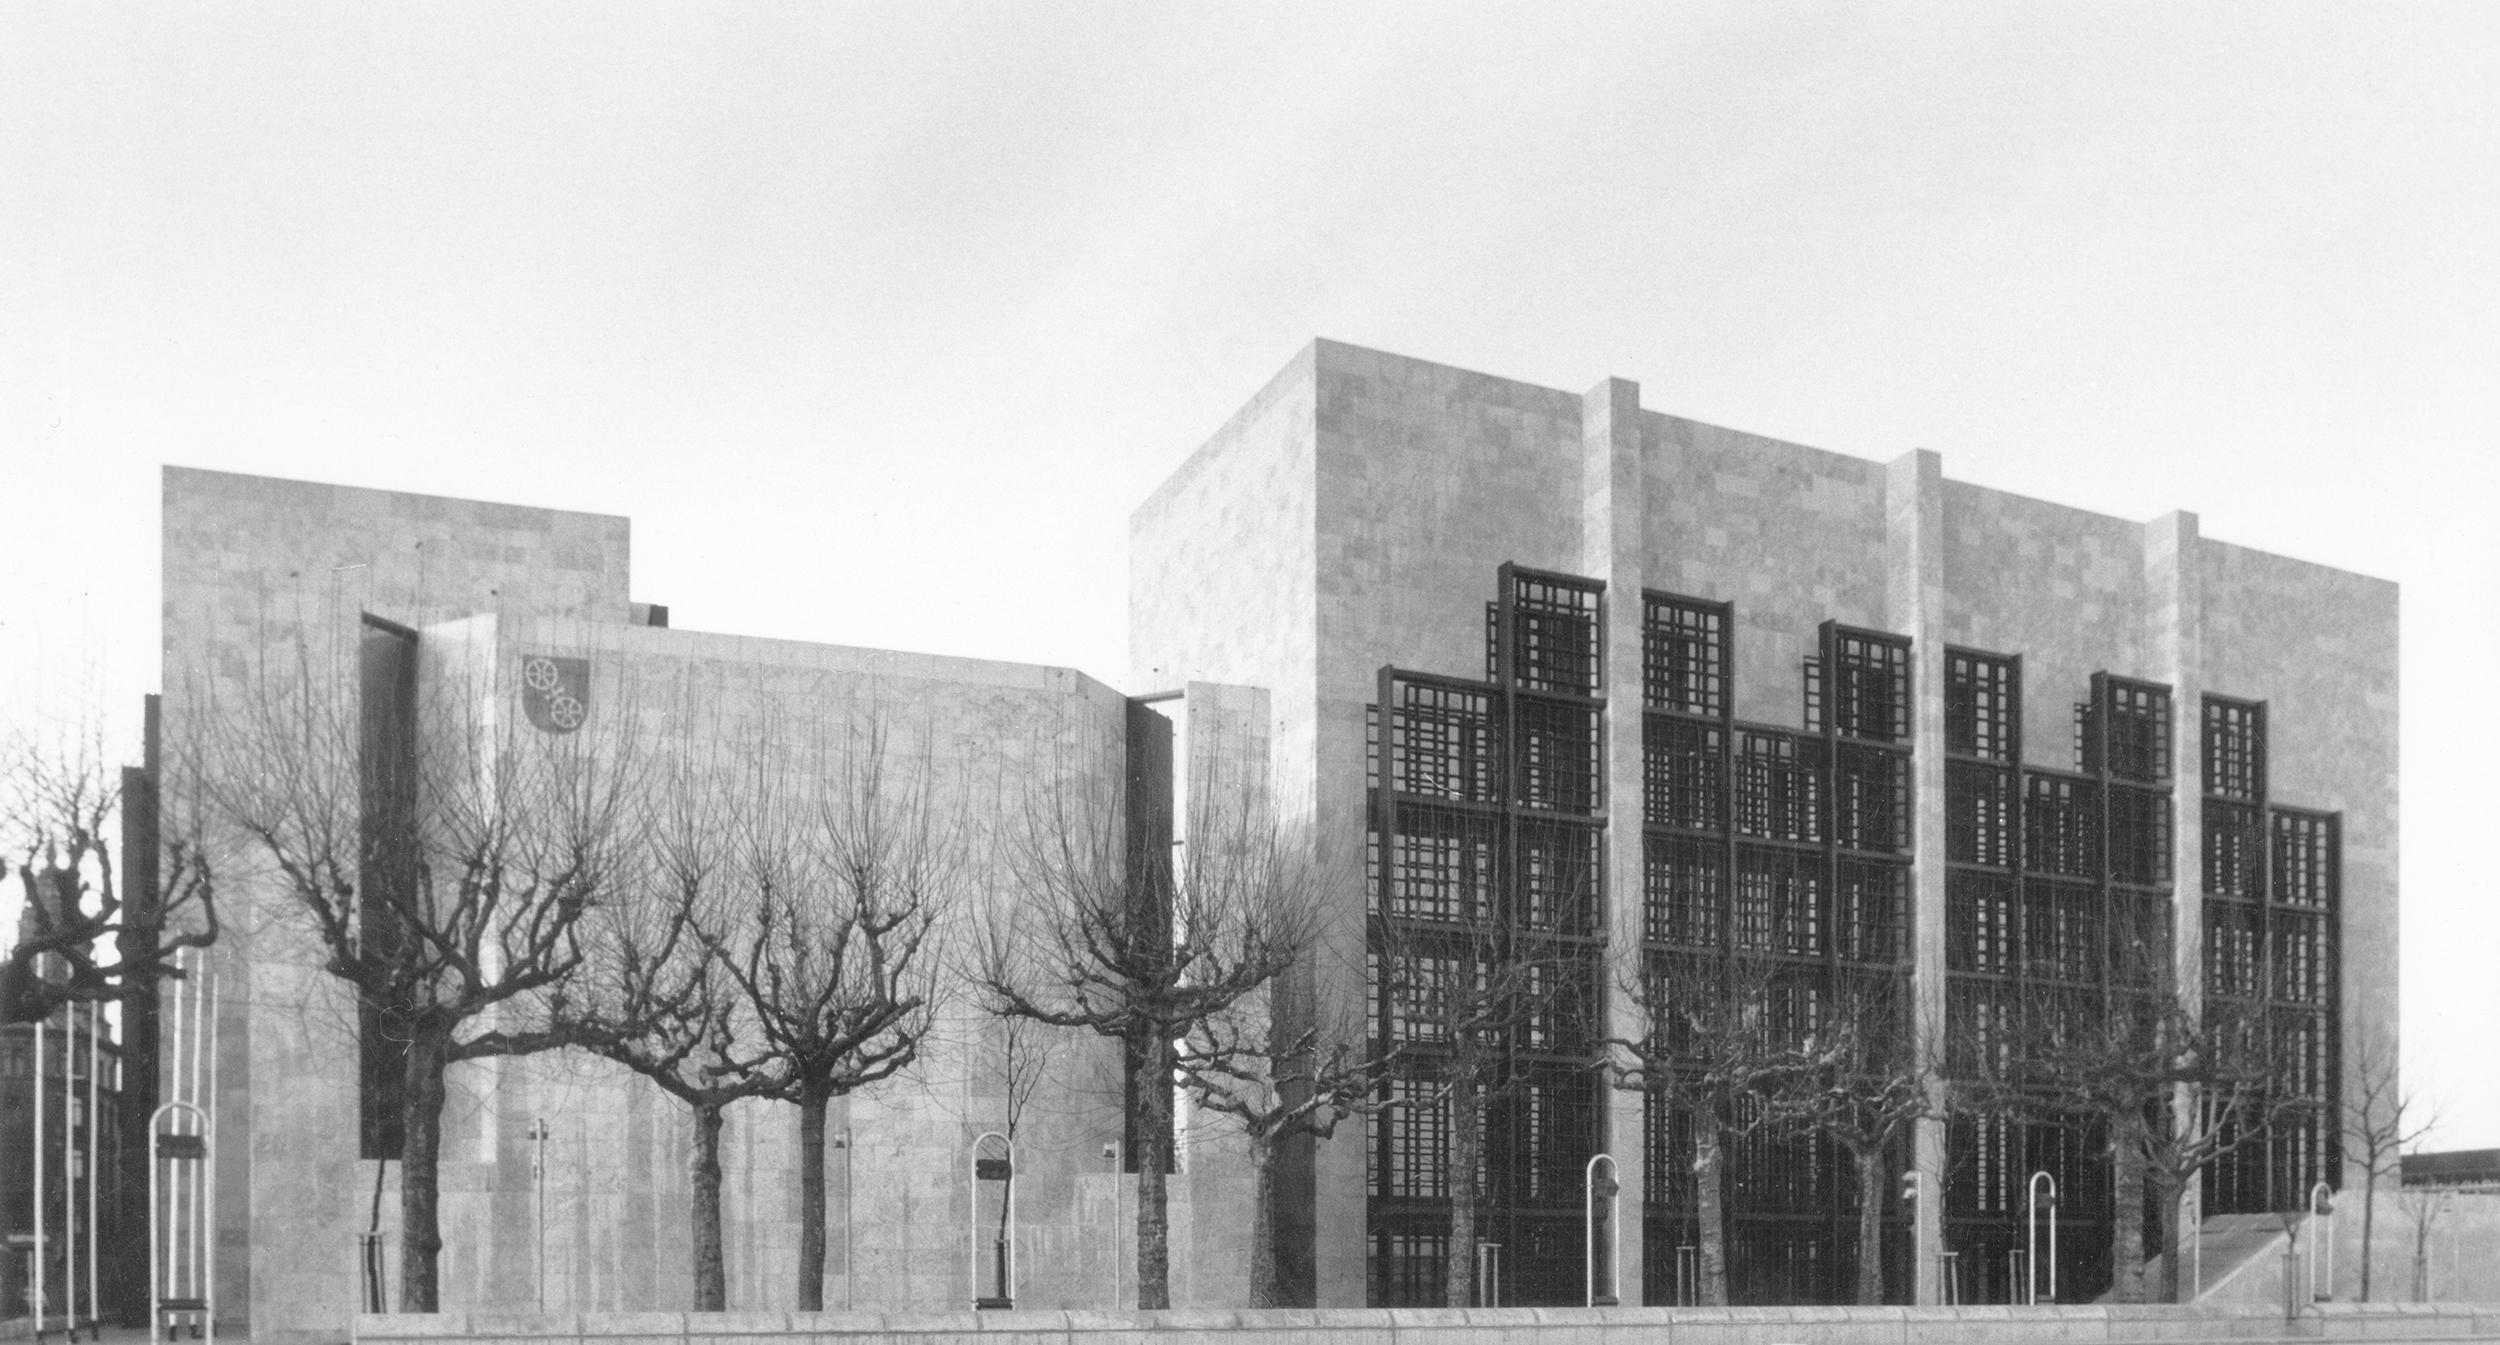 BDA Award, Niedersachsen 1976    Mainz City Hall receives the BDA Award (Bund Deutcher Architekten) in Niedersachsen.